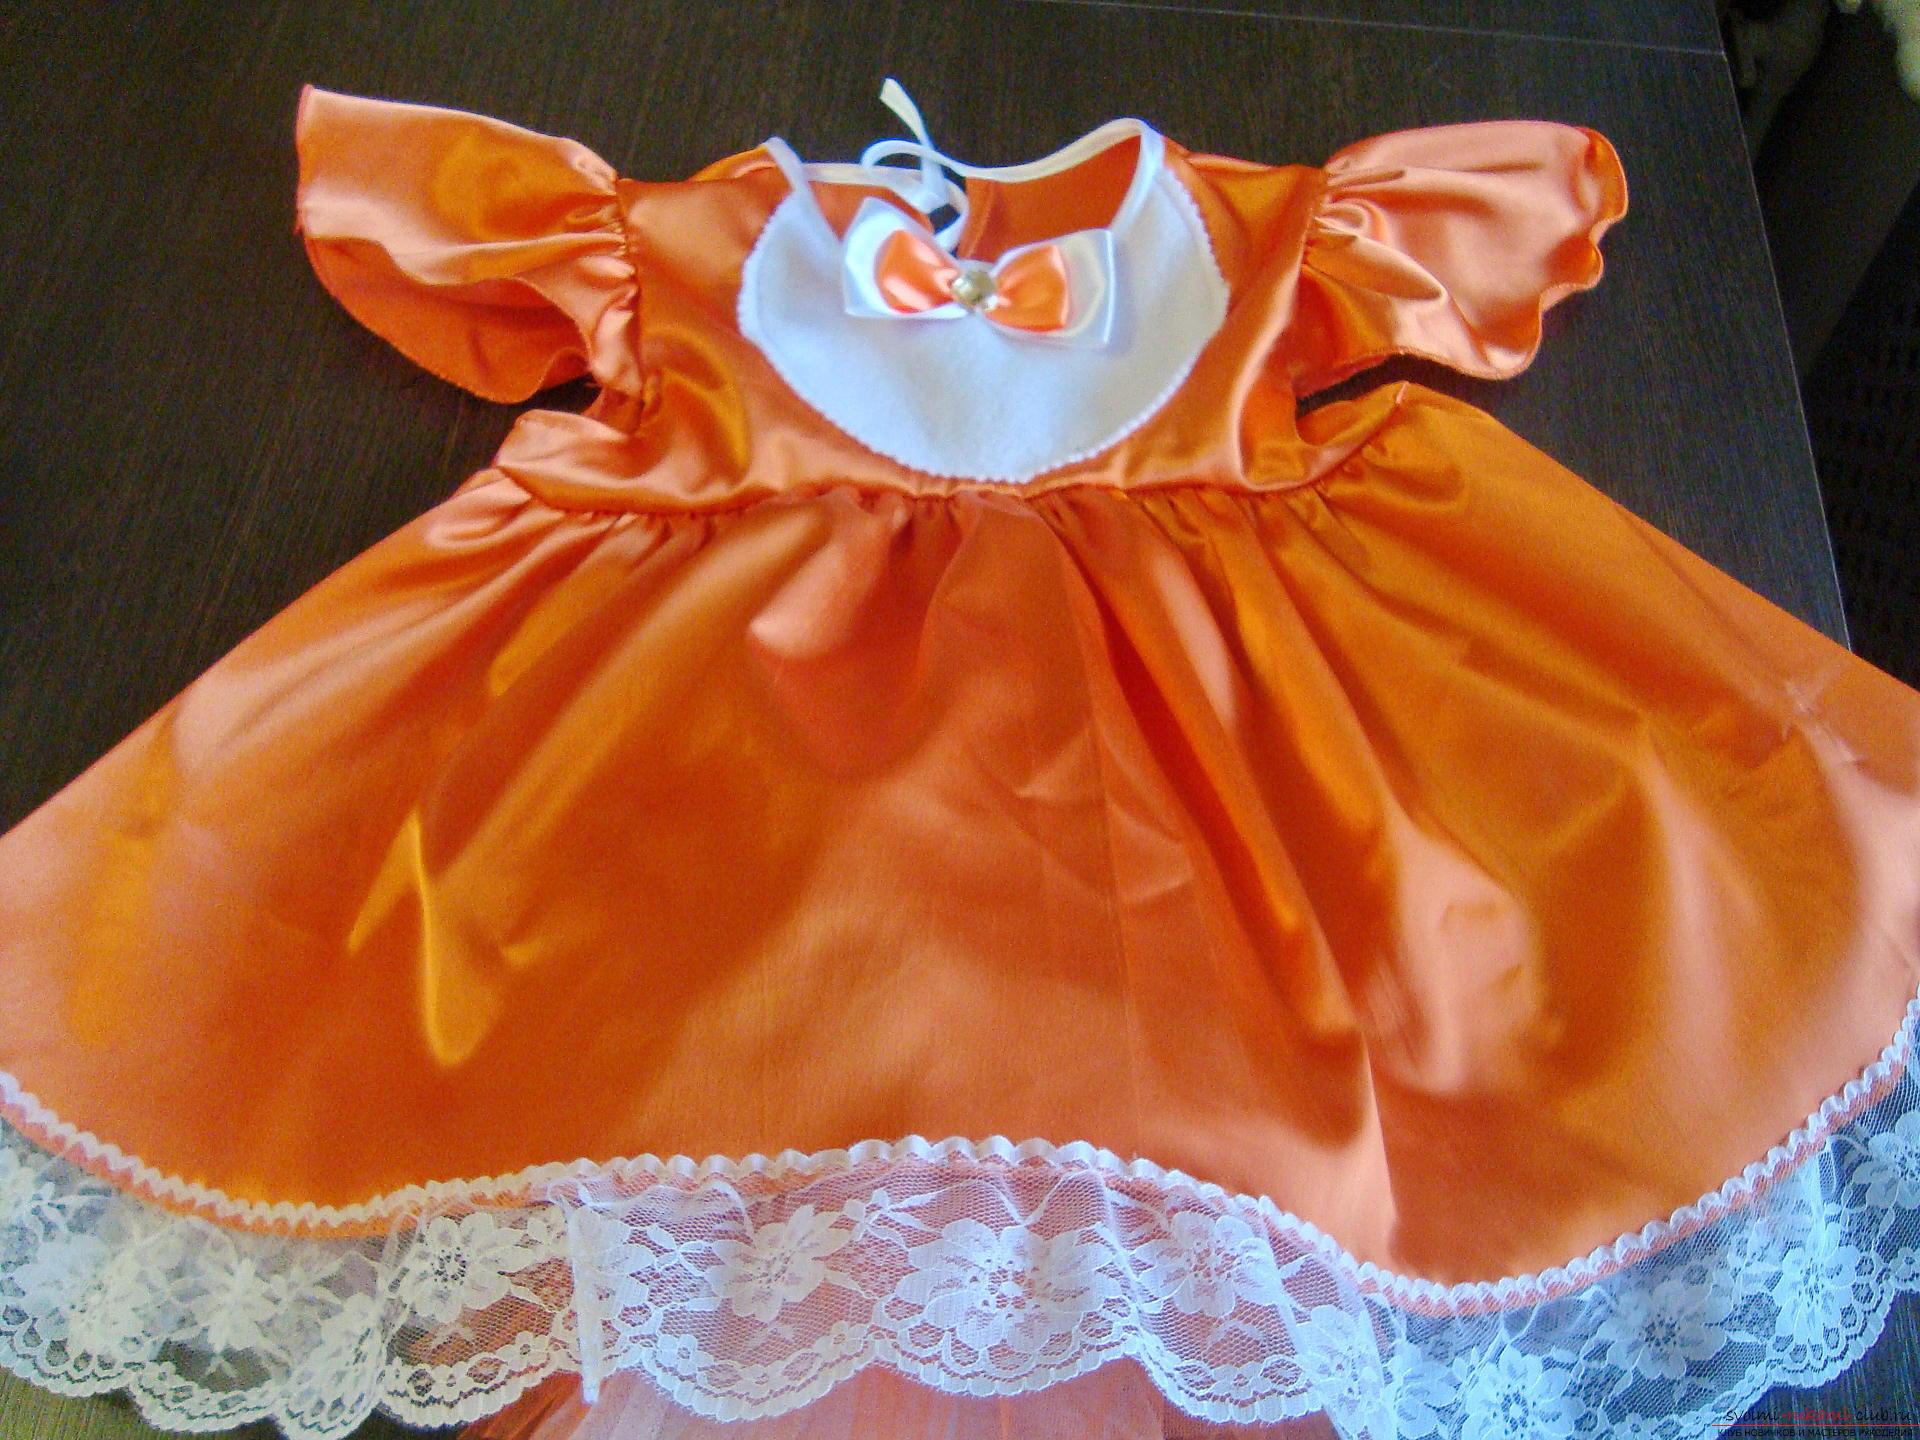 Этот мастер-класс научит как сшить своими руками детский карнавальный костюм лисы для девочки. Фото №3